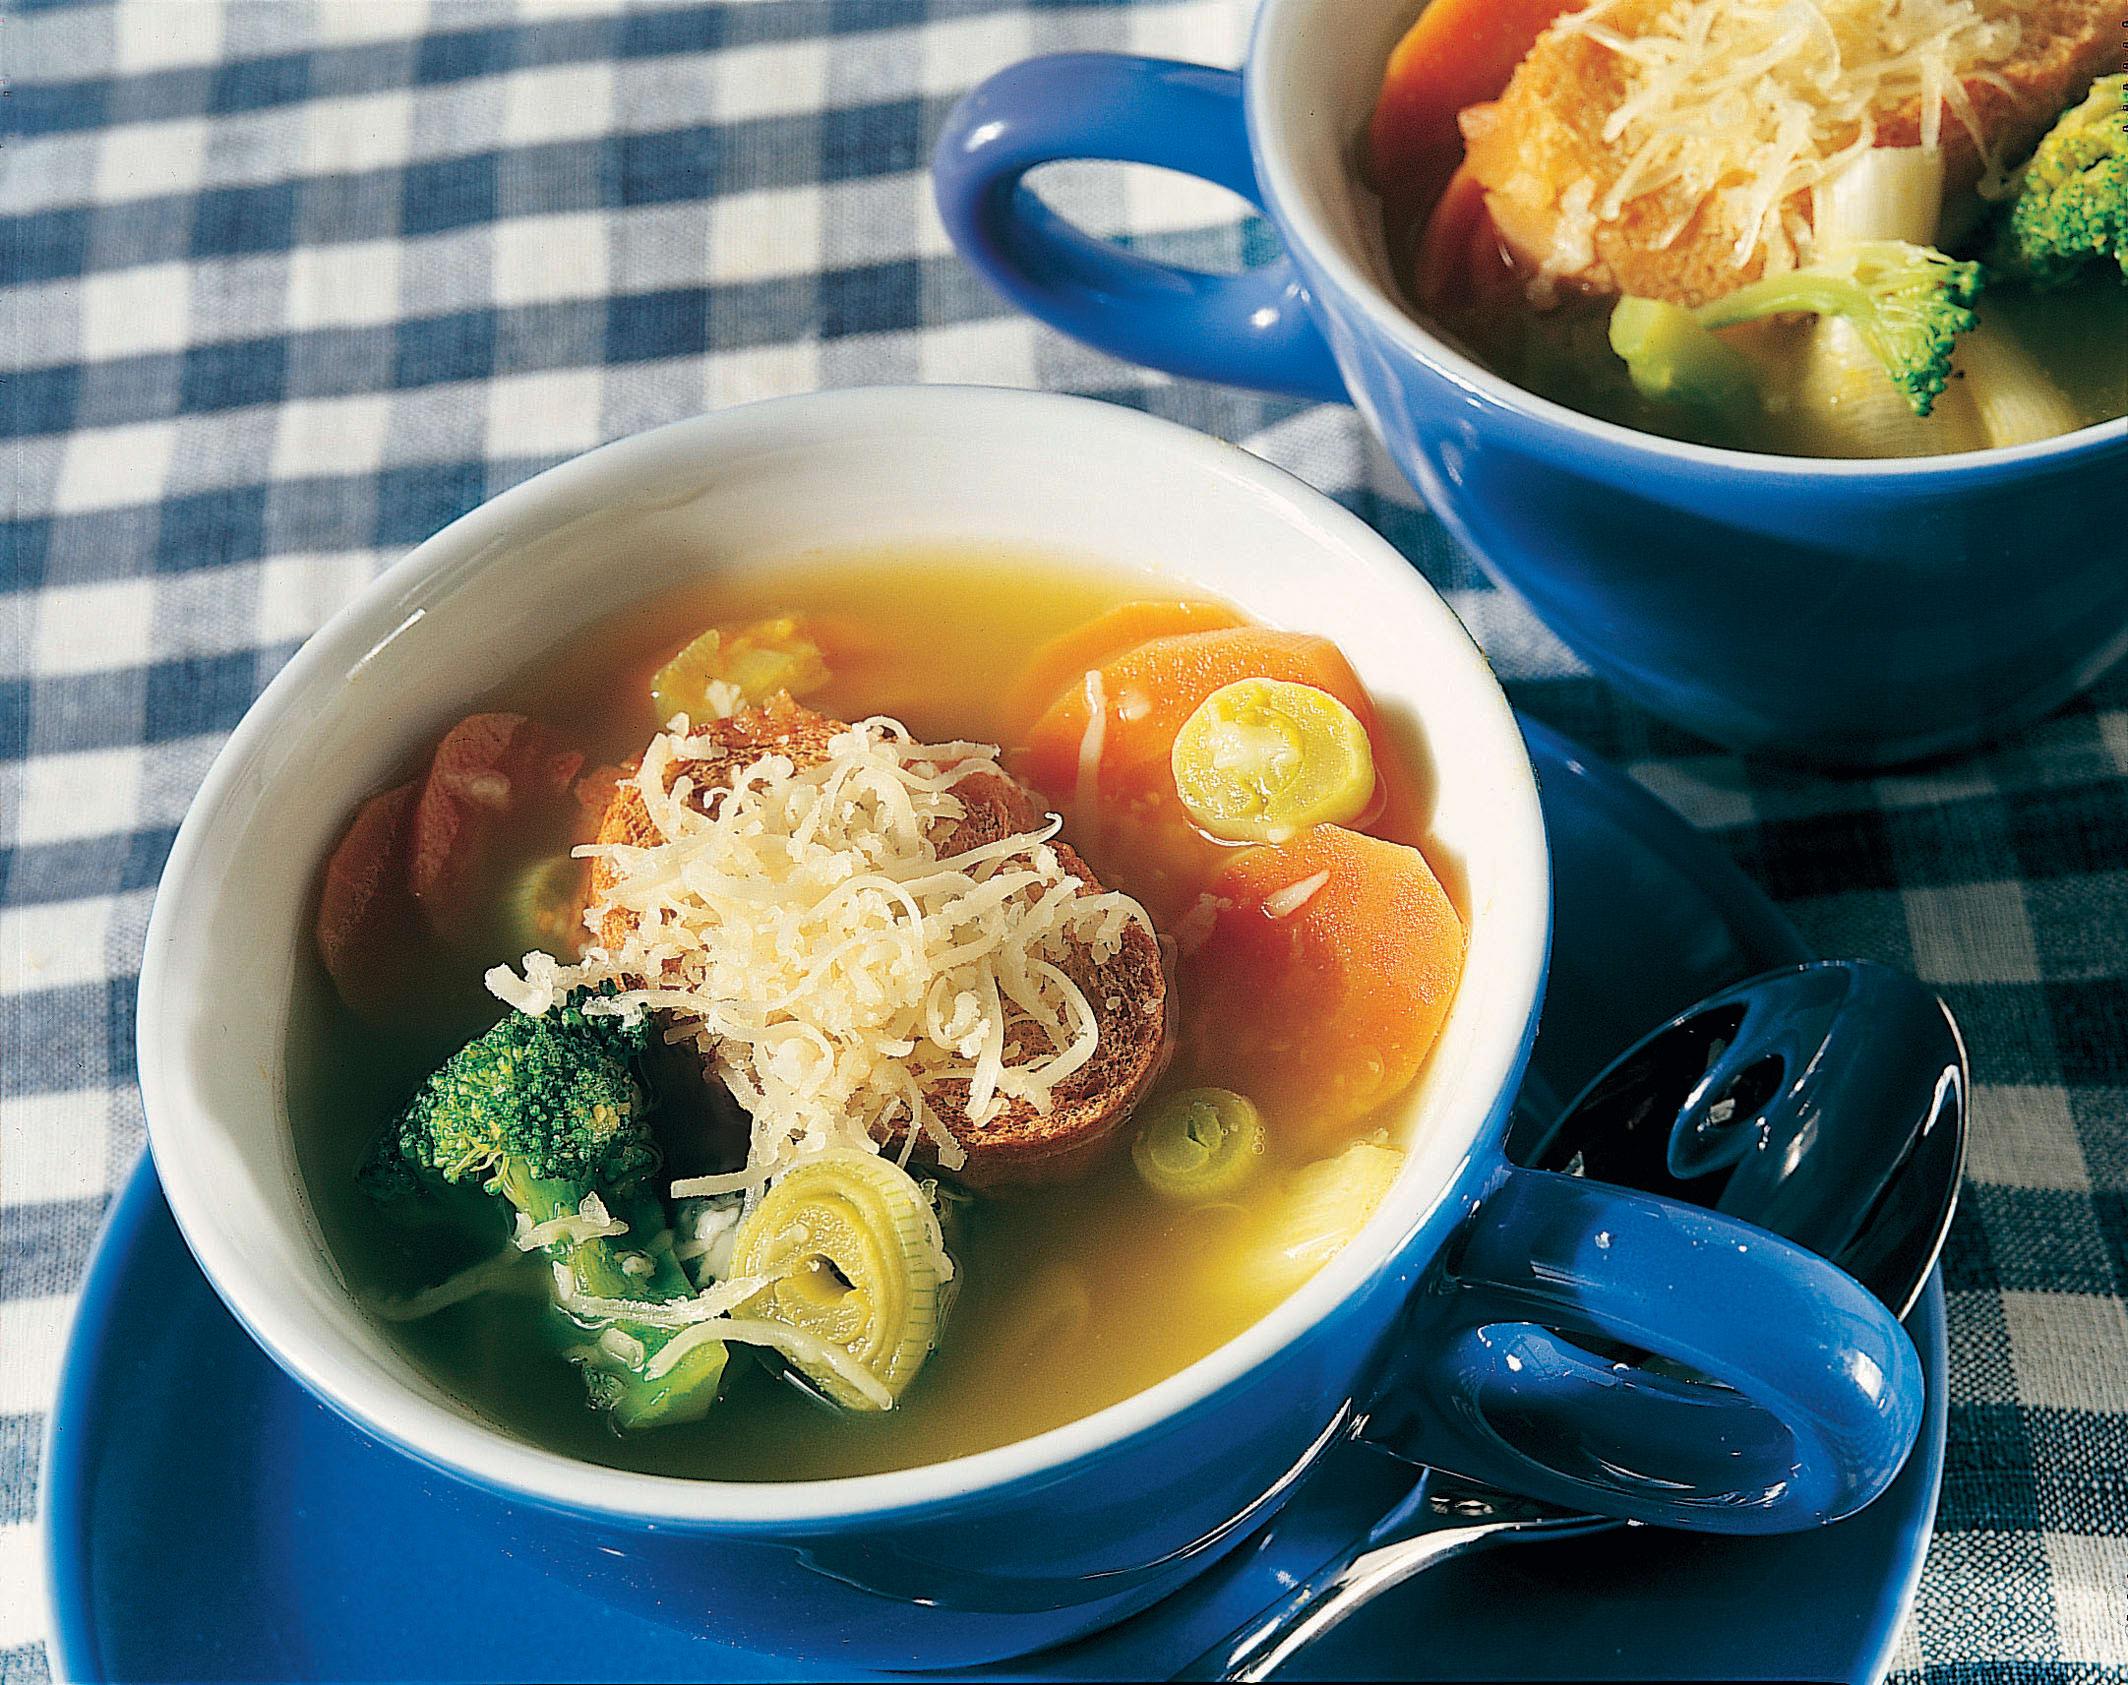 Soupe aux pois chiches et aux légumes et ses croûtons au fromage d'alpage